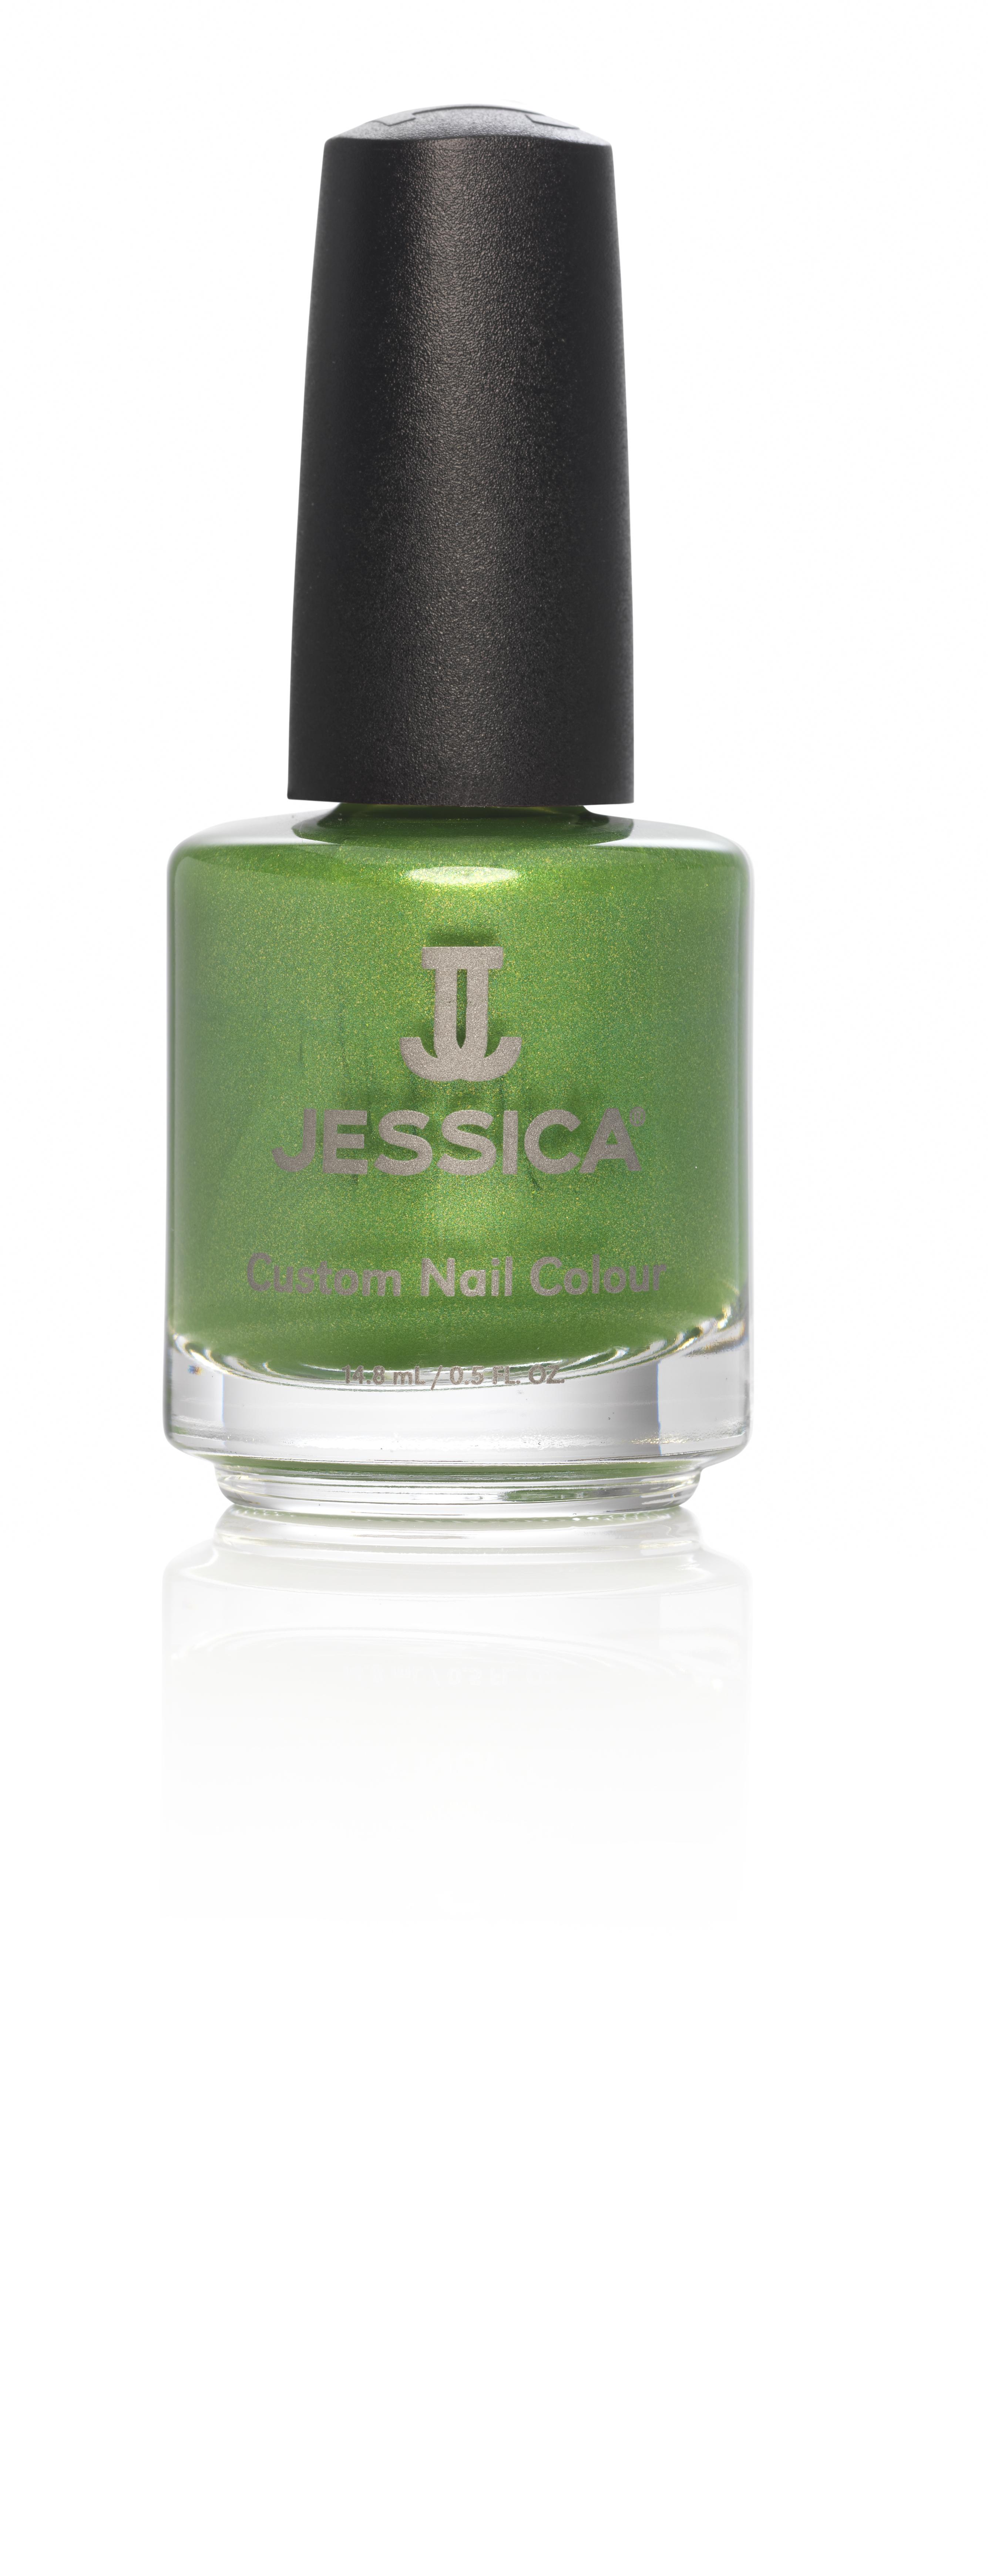 Jessica Лак для ногтей 949 Bollywood Bold 14,8 млUPC 949Лаки JESSICA содержат витамины A, Д и Е, обеспечивают дополнительную защиту ногтей и усиливают терапевтическое воздействие базовых средств и средств-корректоров.